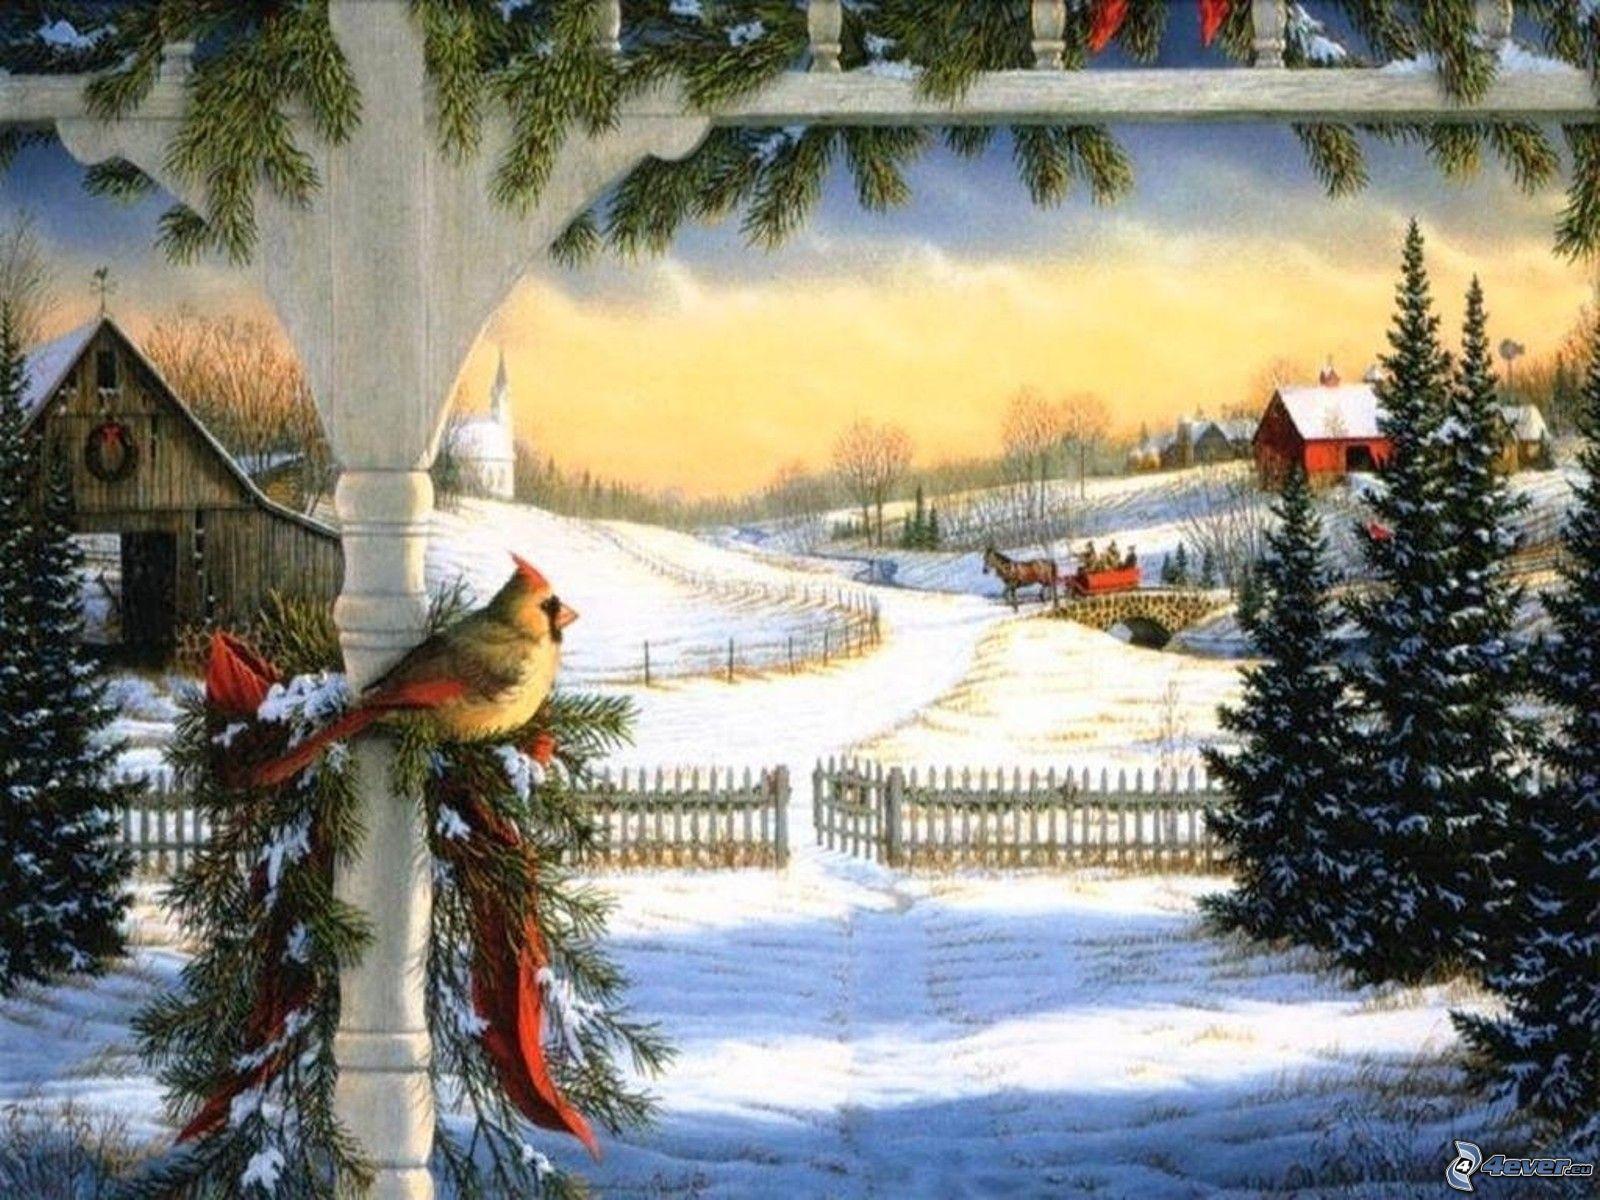 Paisaje nevado - Paisaje nevado navidad ...